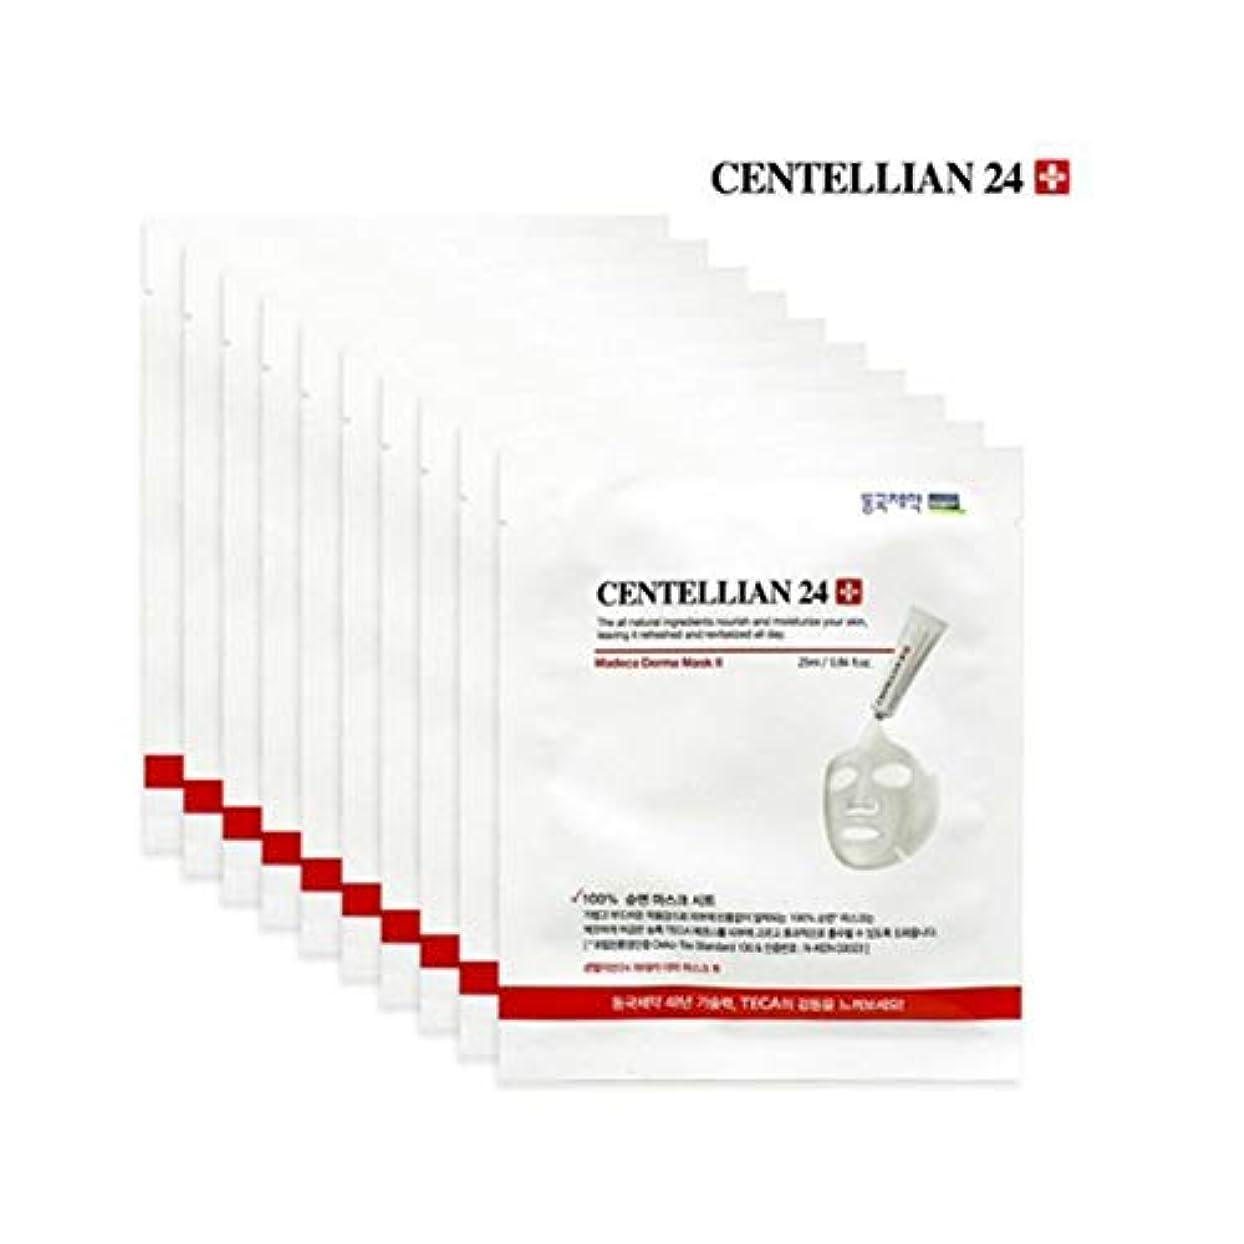 南東評決会員センテルリアン24マデカードママスクパック10枚肌の保湿、Centellian24 Madeca Derma Mask Pack 10 Sheets Skin Moisturizing [並行輸入品]